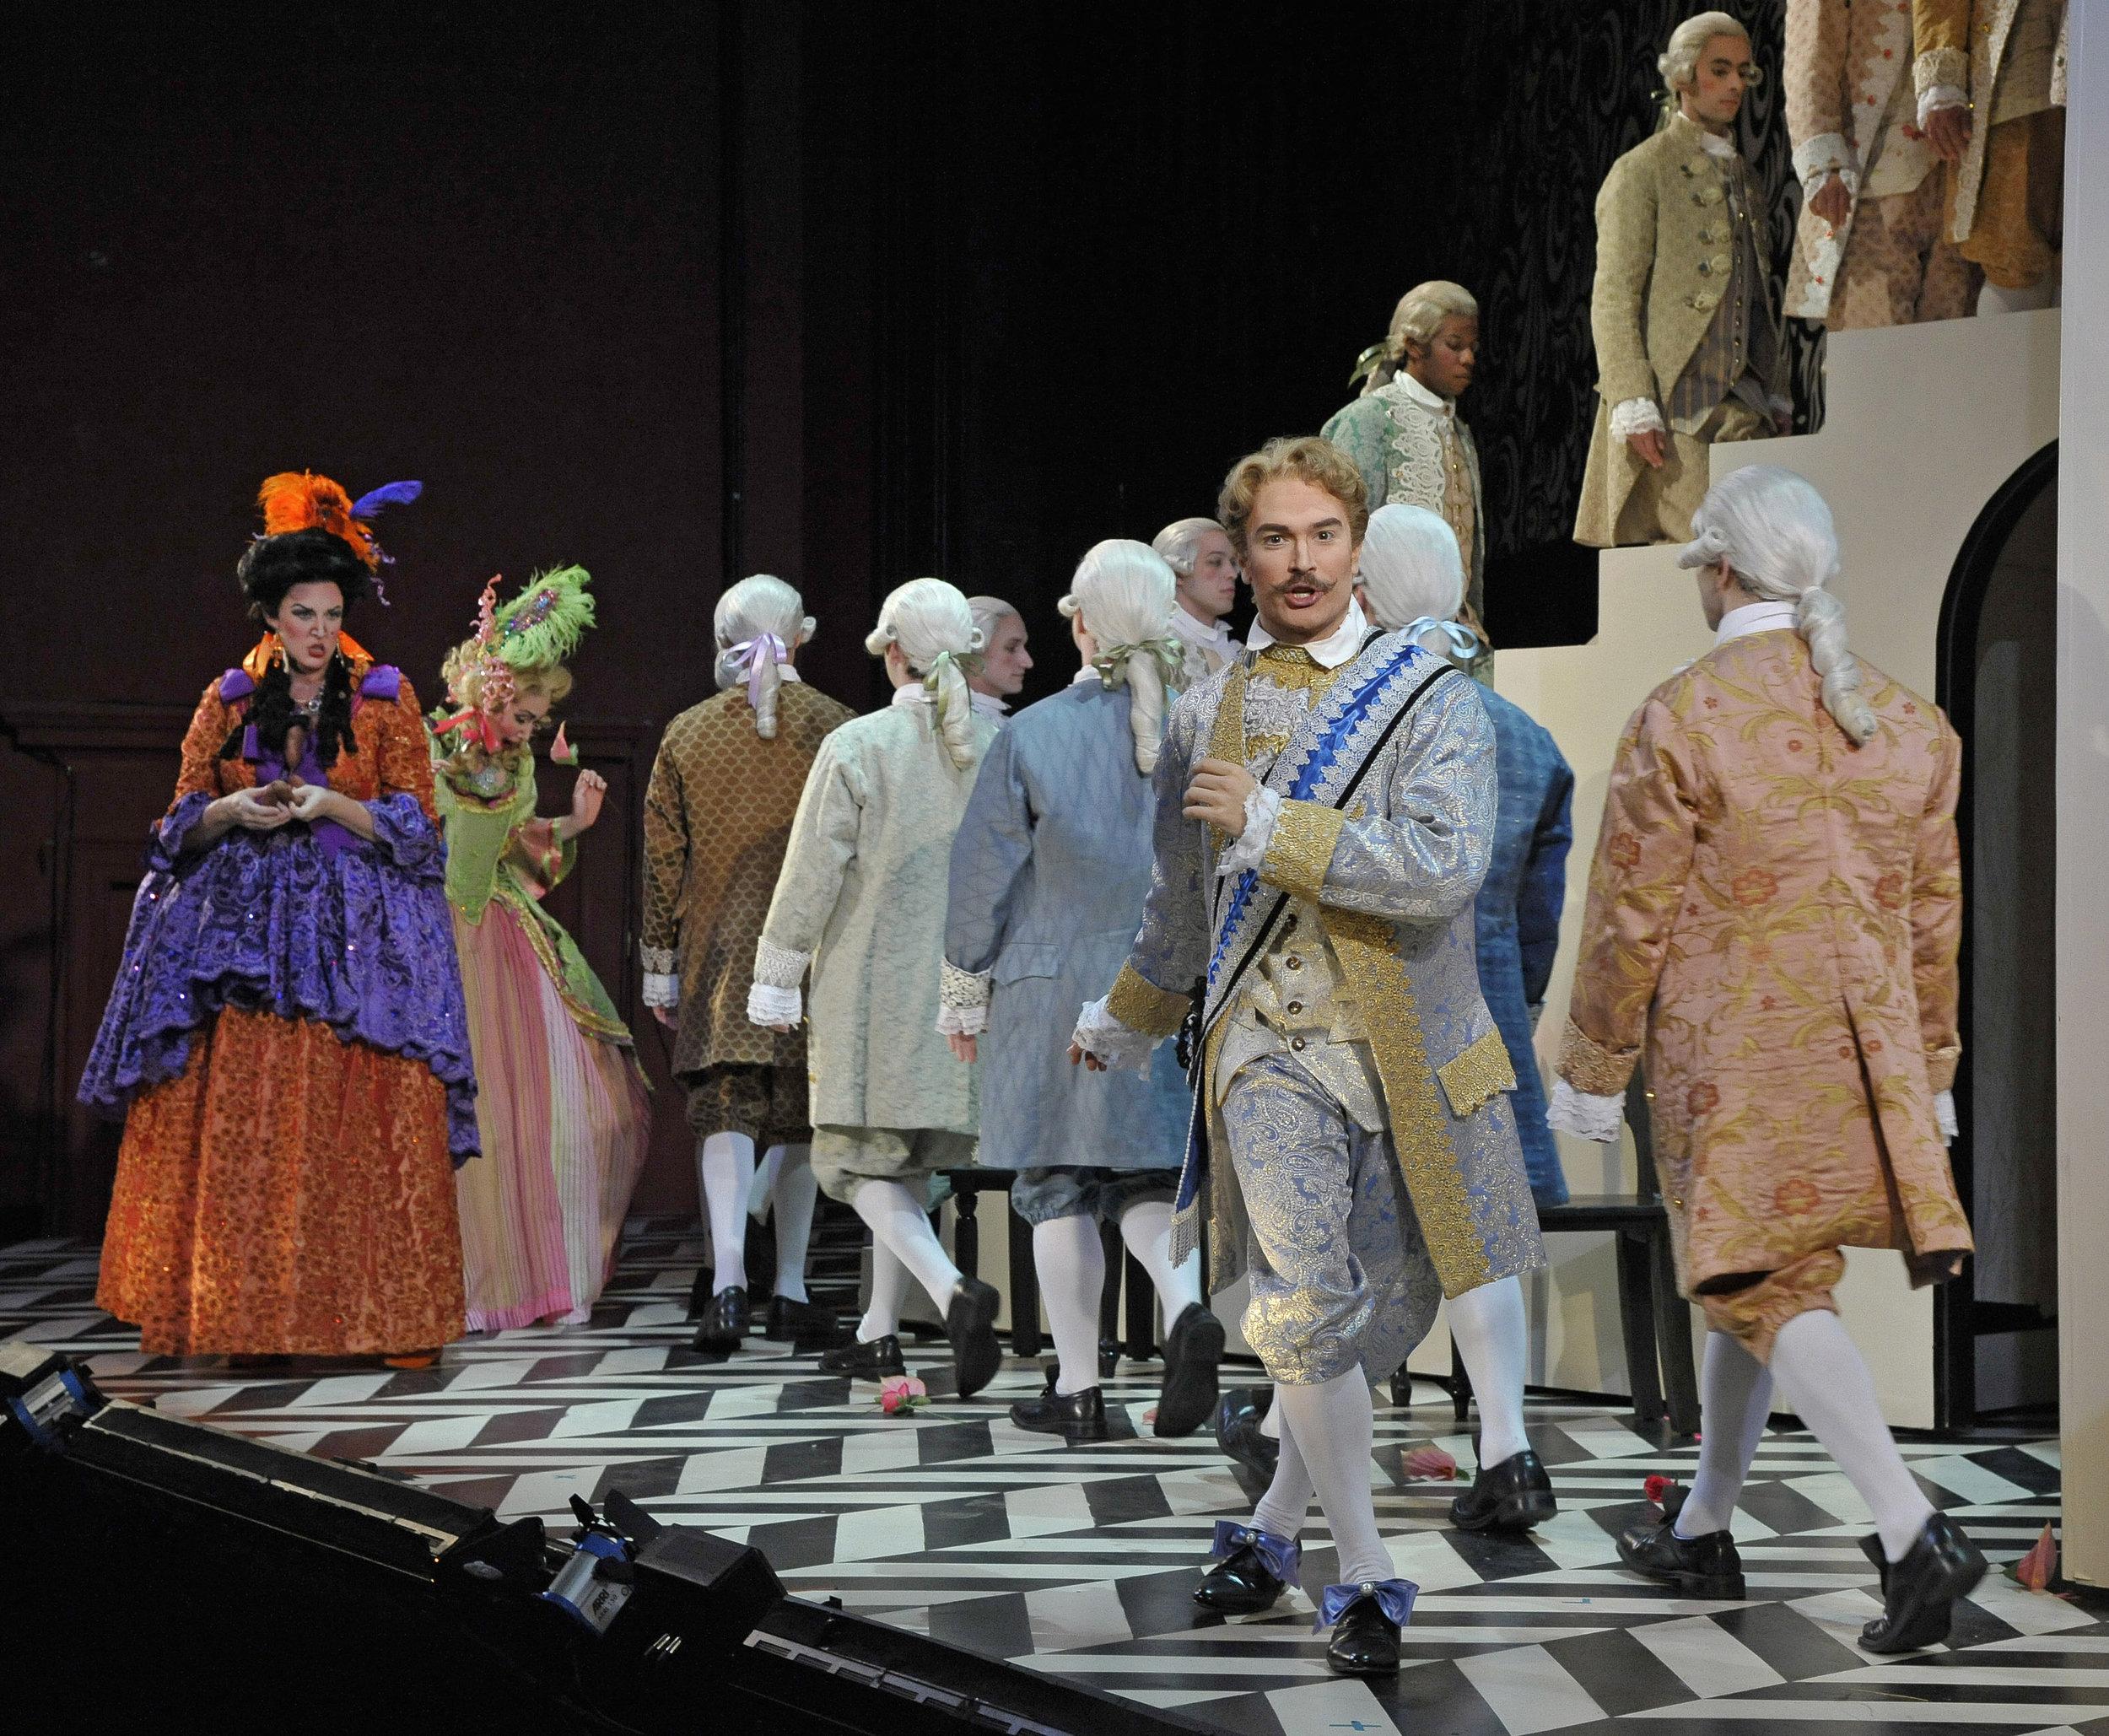 Opera_Saratoga_GG27640.jpg